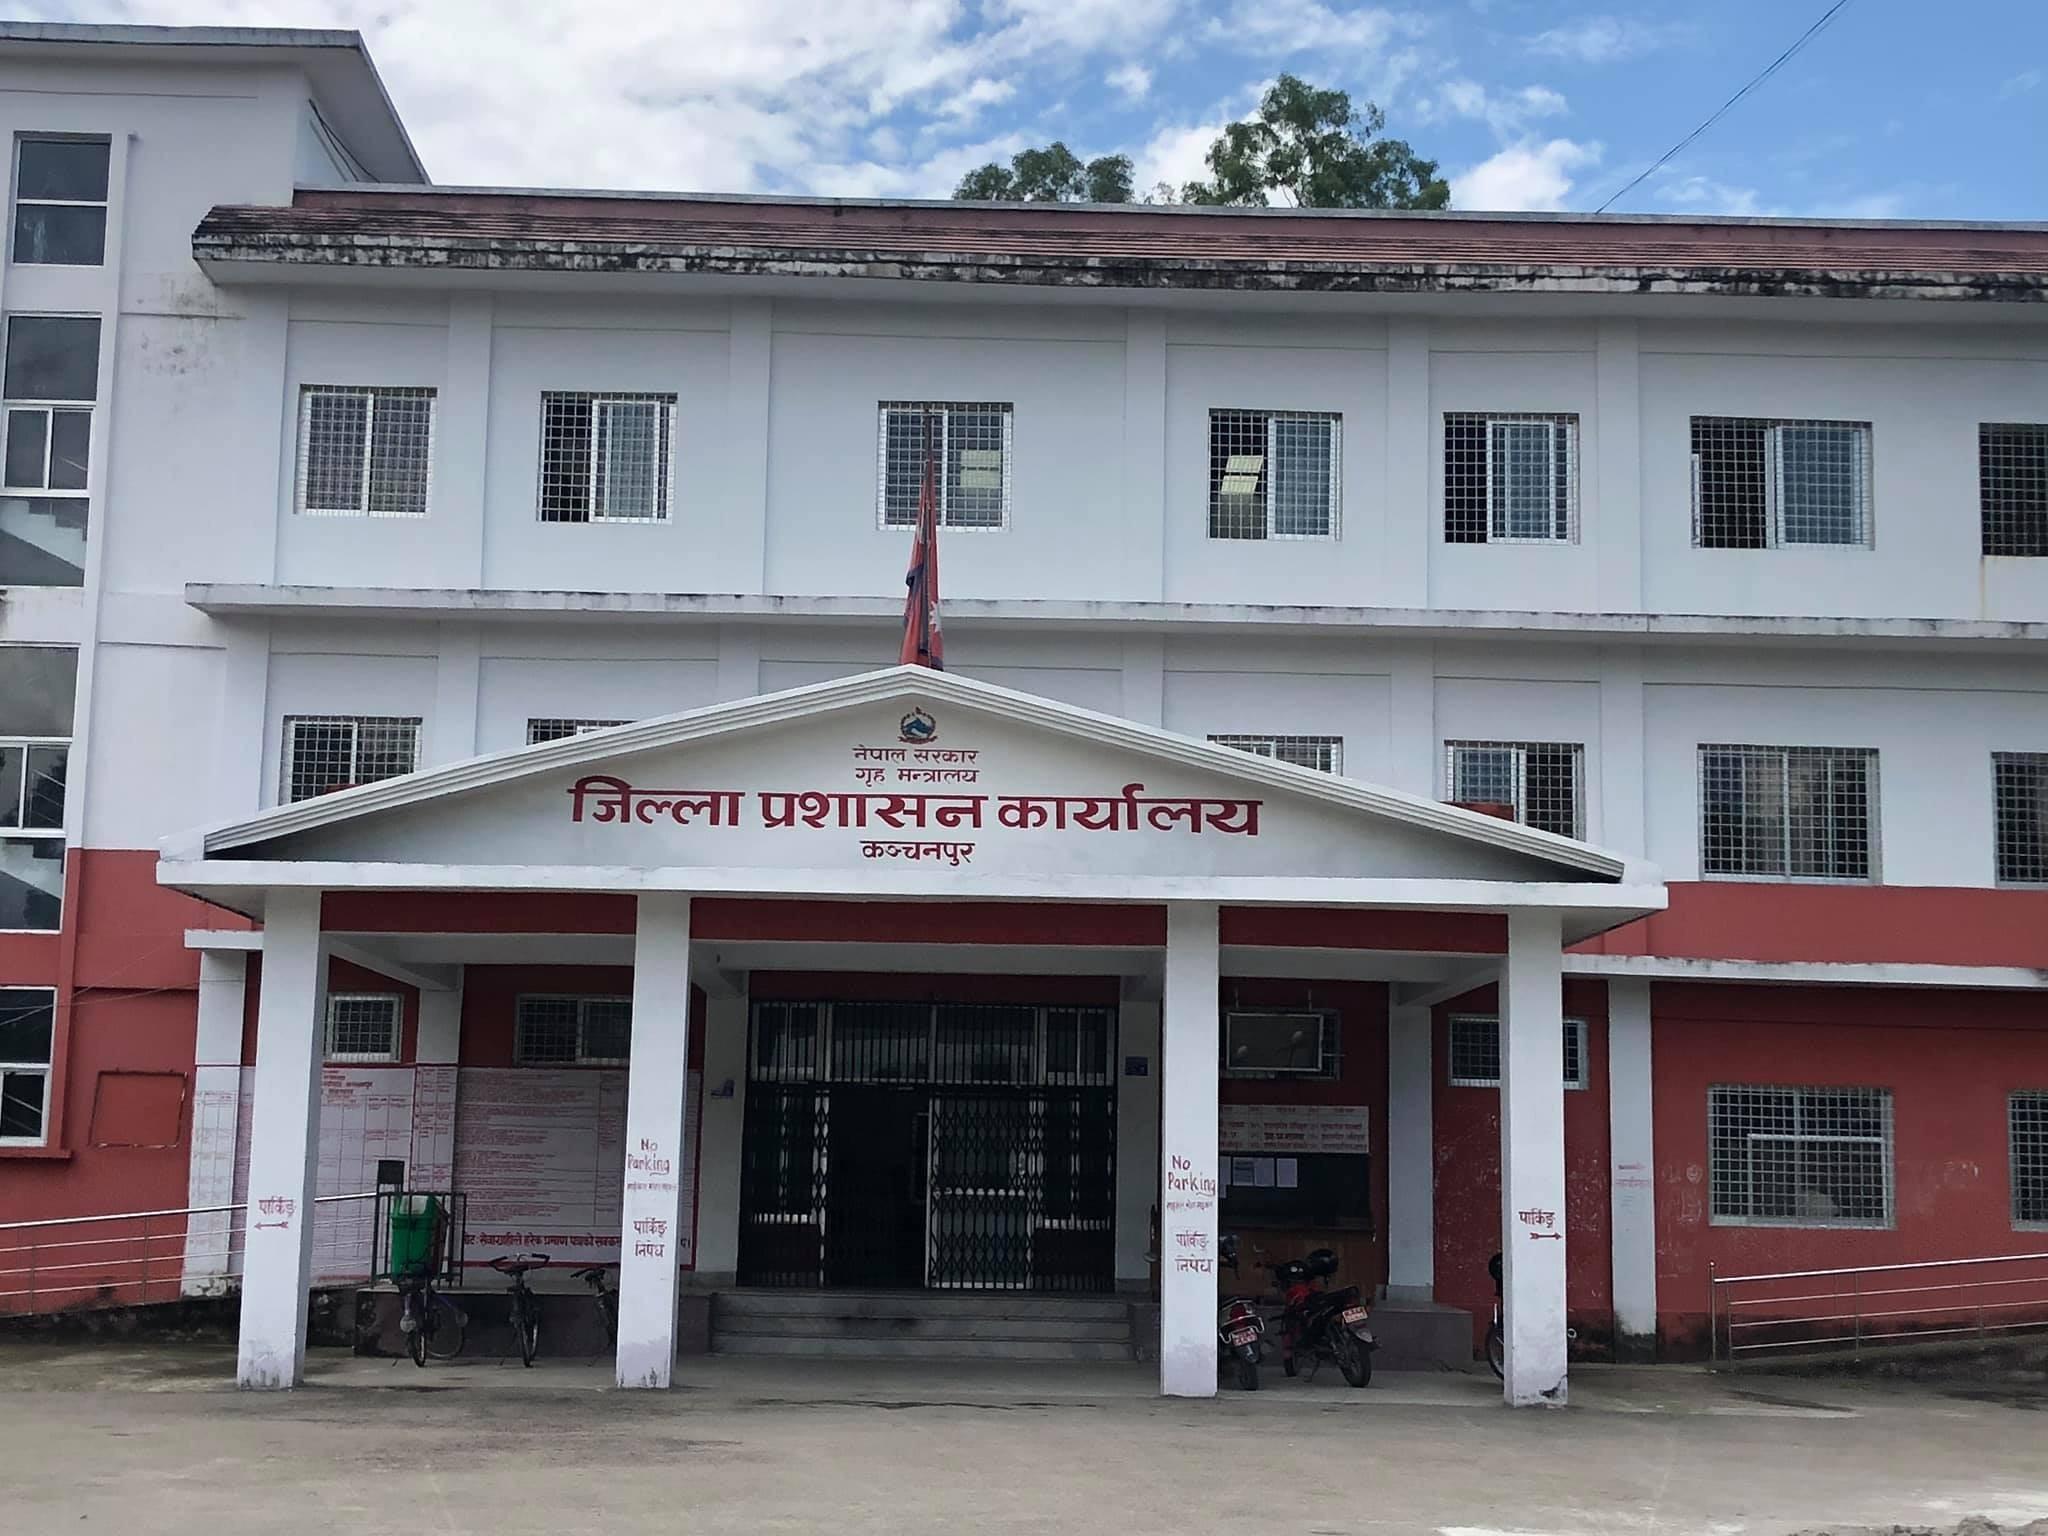 कञ्चनपुरमा बैंक बन्द, तरकारी फलफूल सातामा ३ दिनमात्र बेच्न पाइने